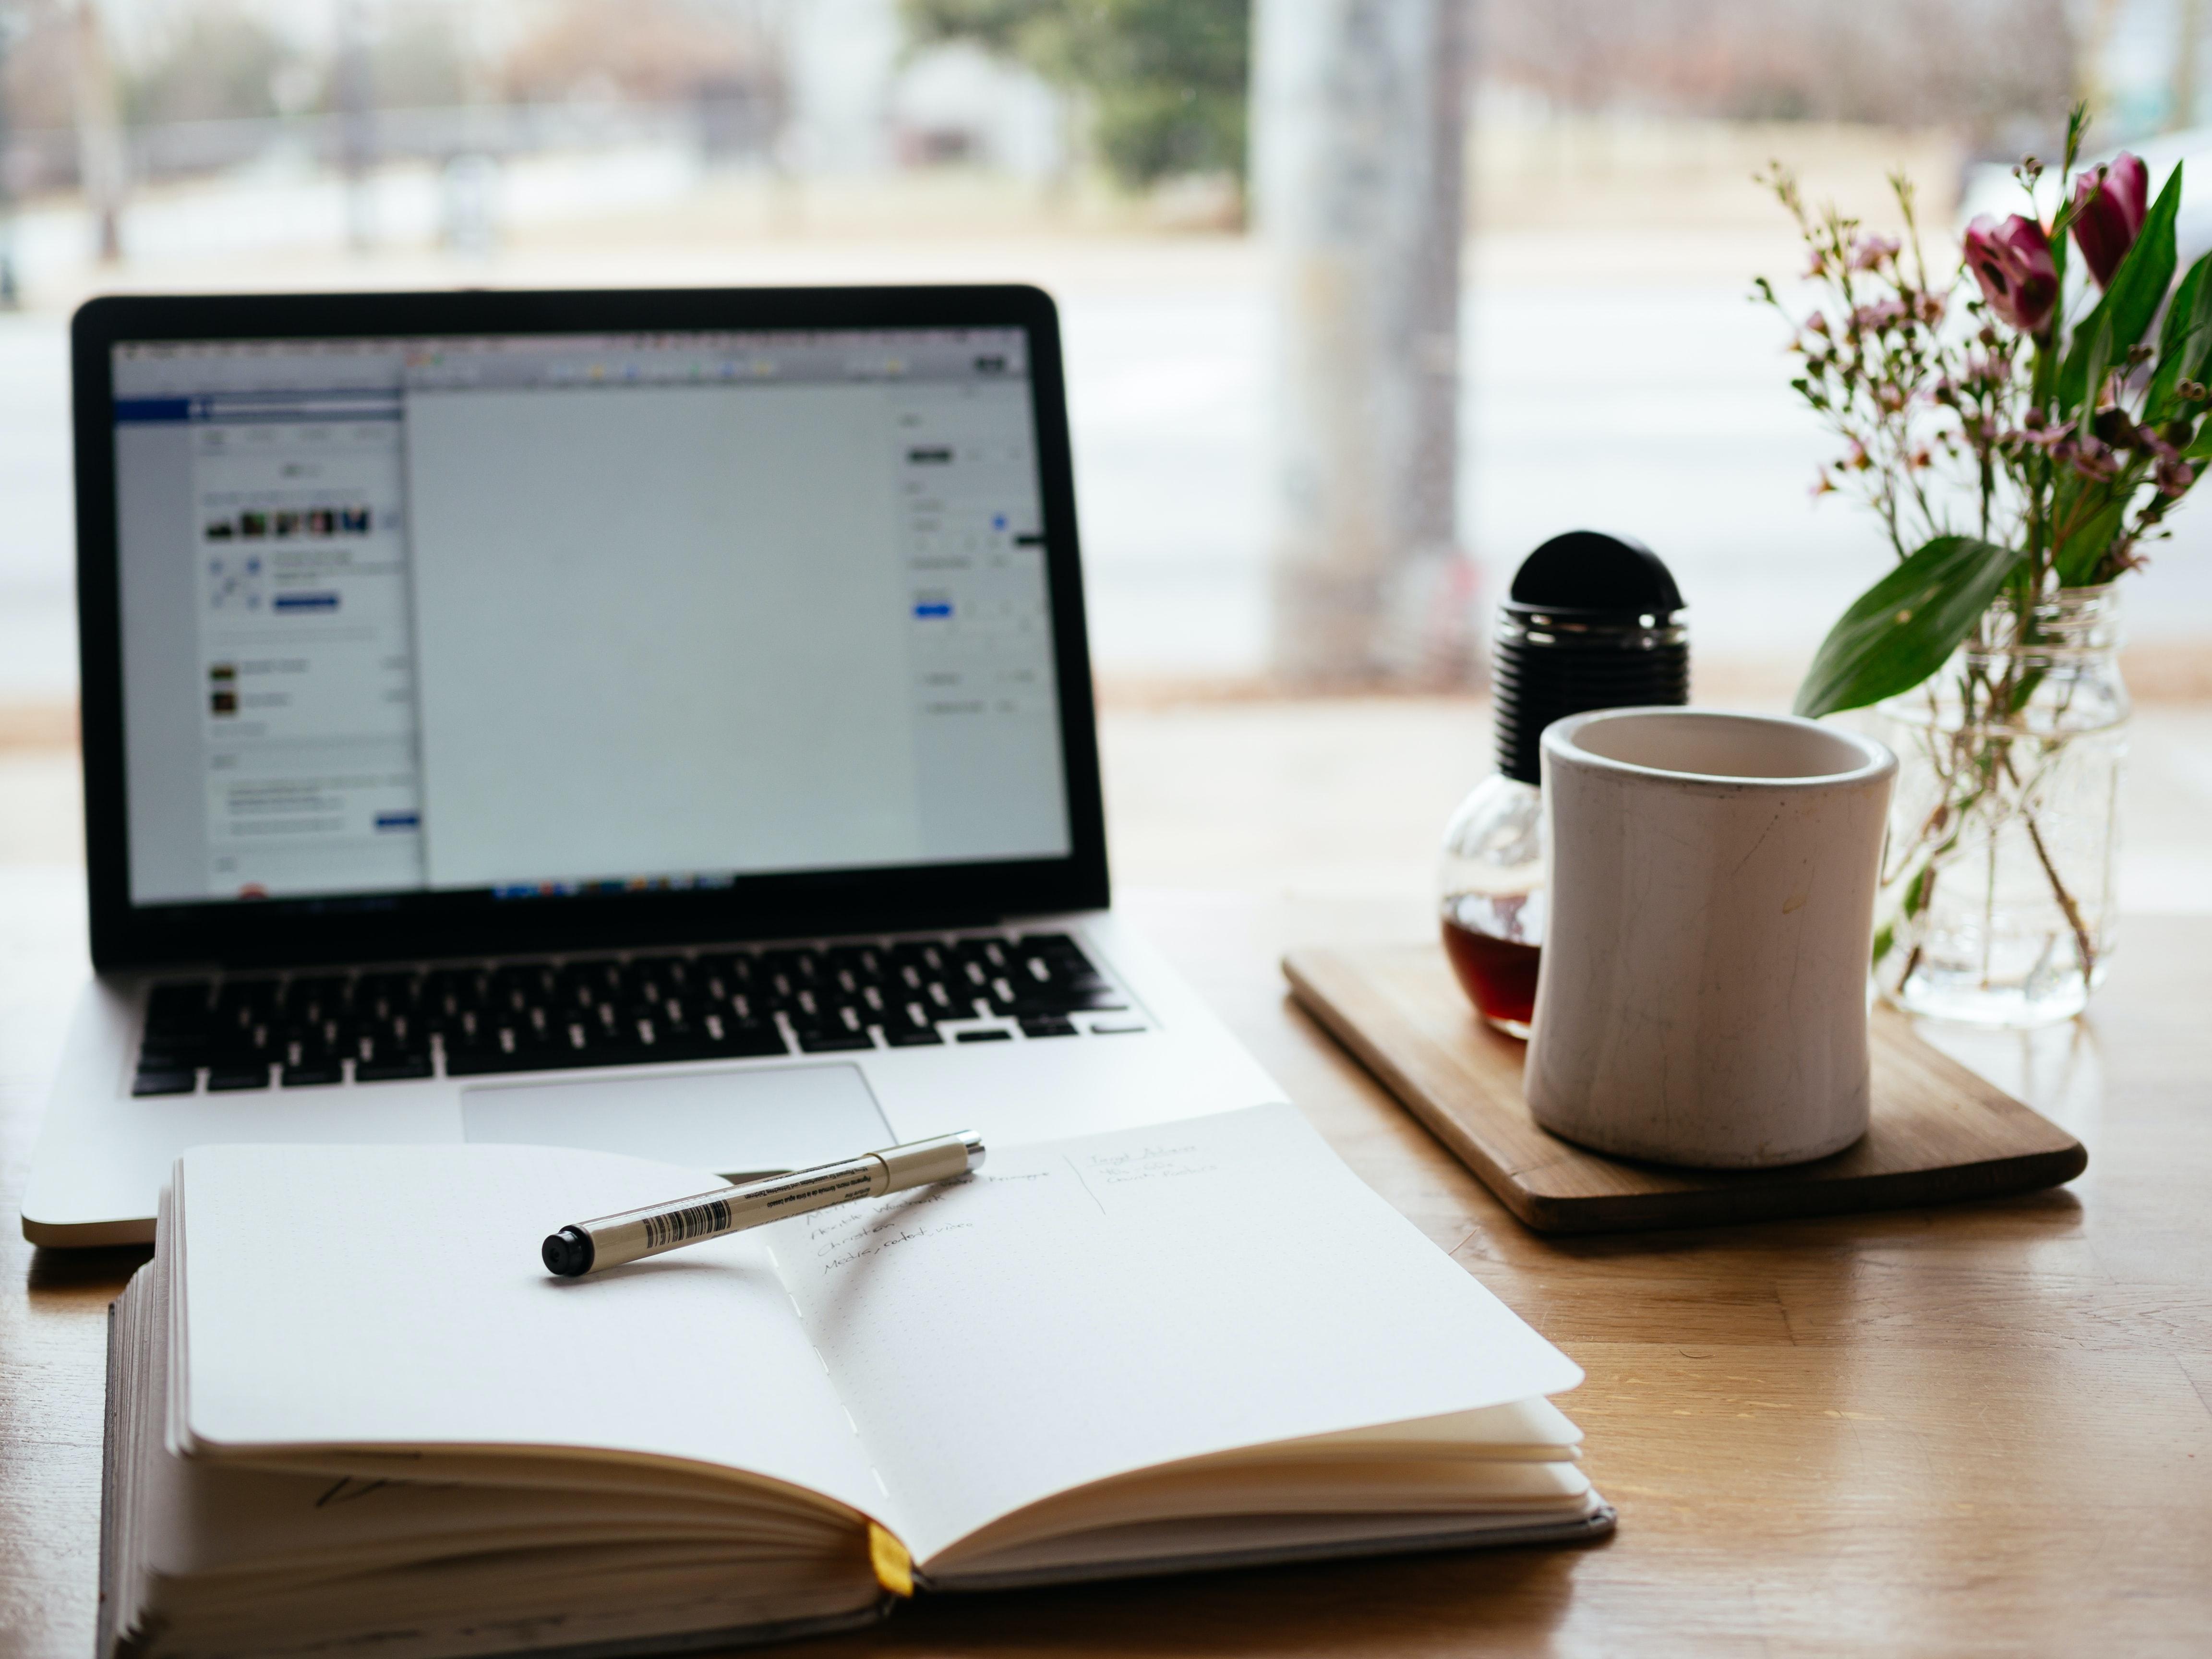 penna och anteckningsbok framför en laptop